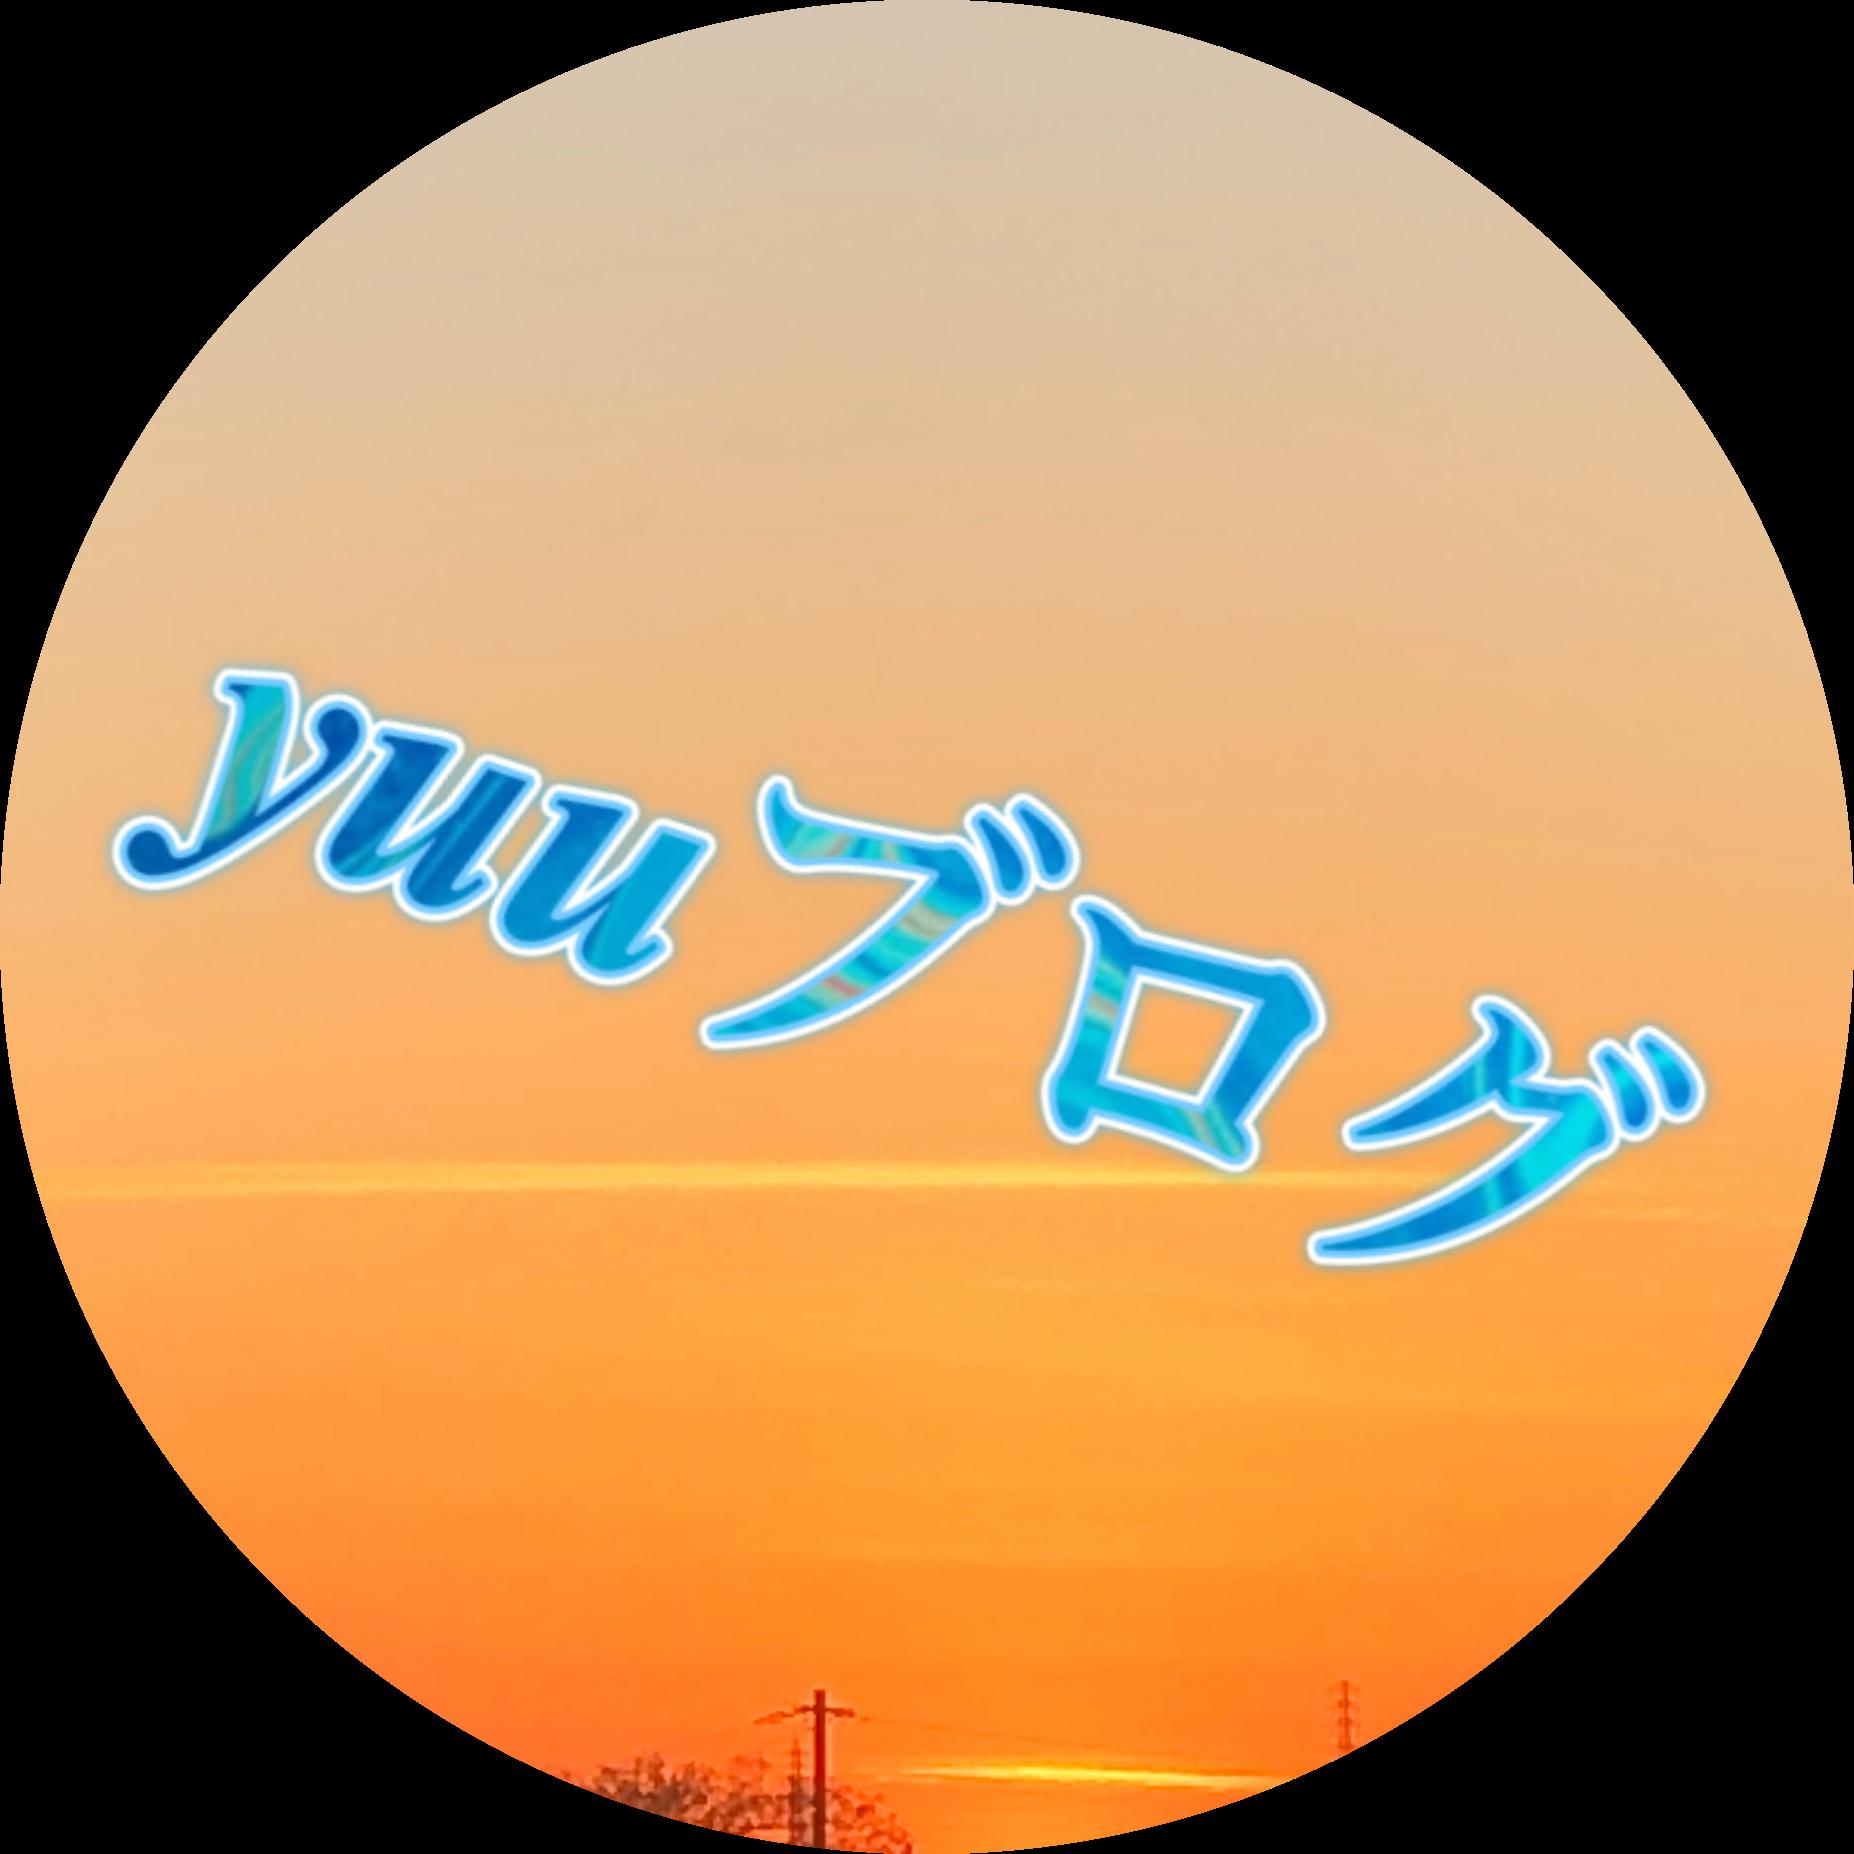 yuu blog